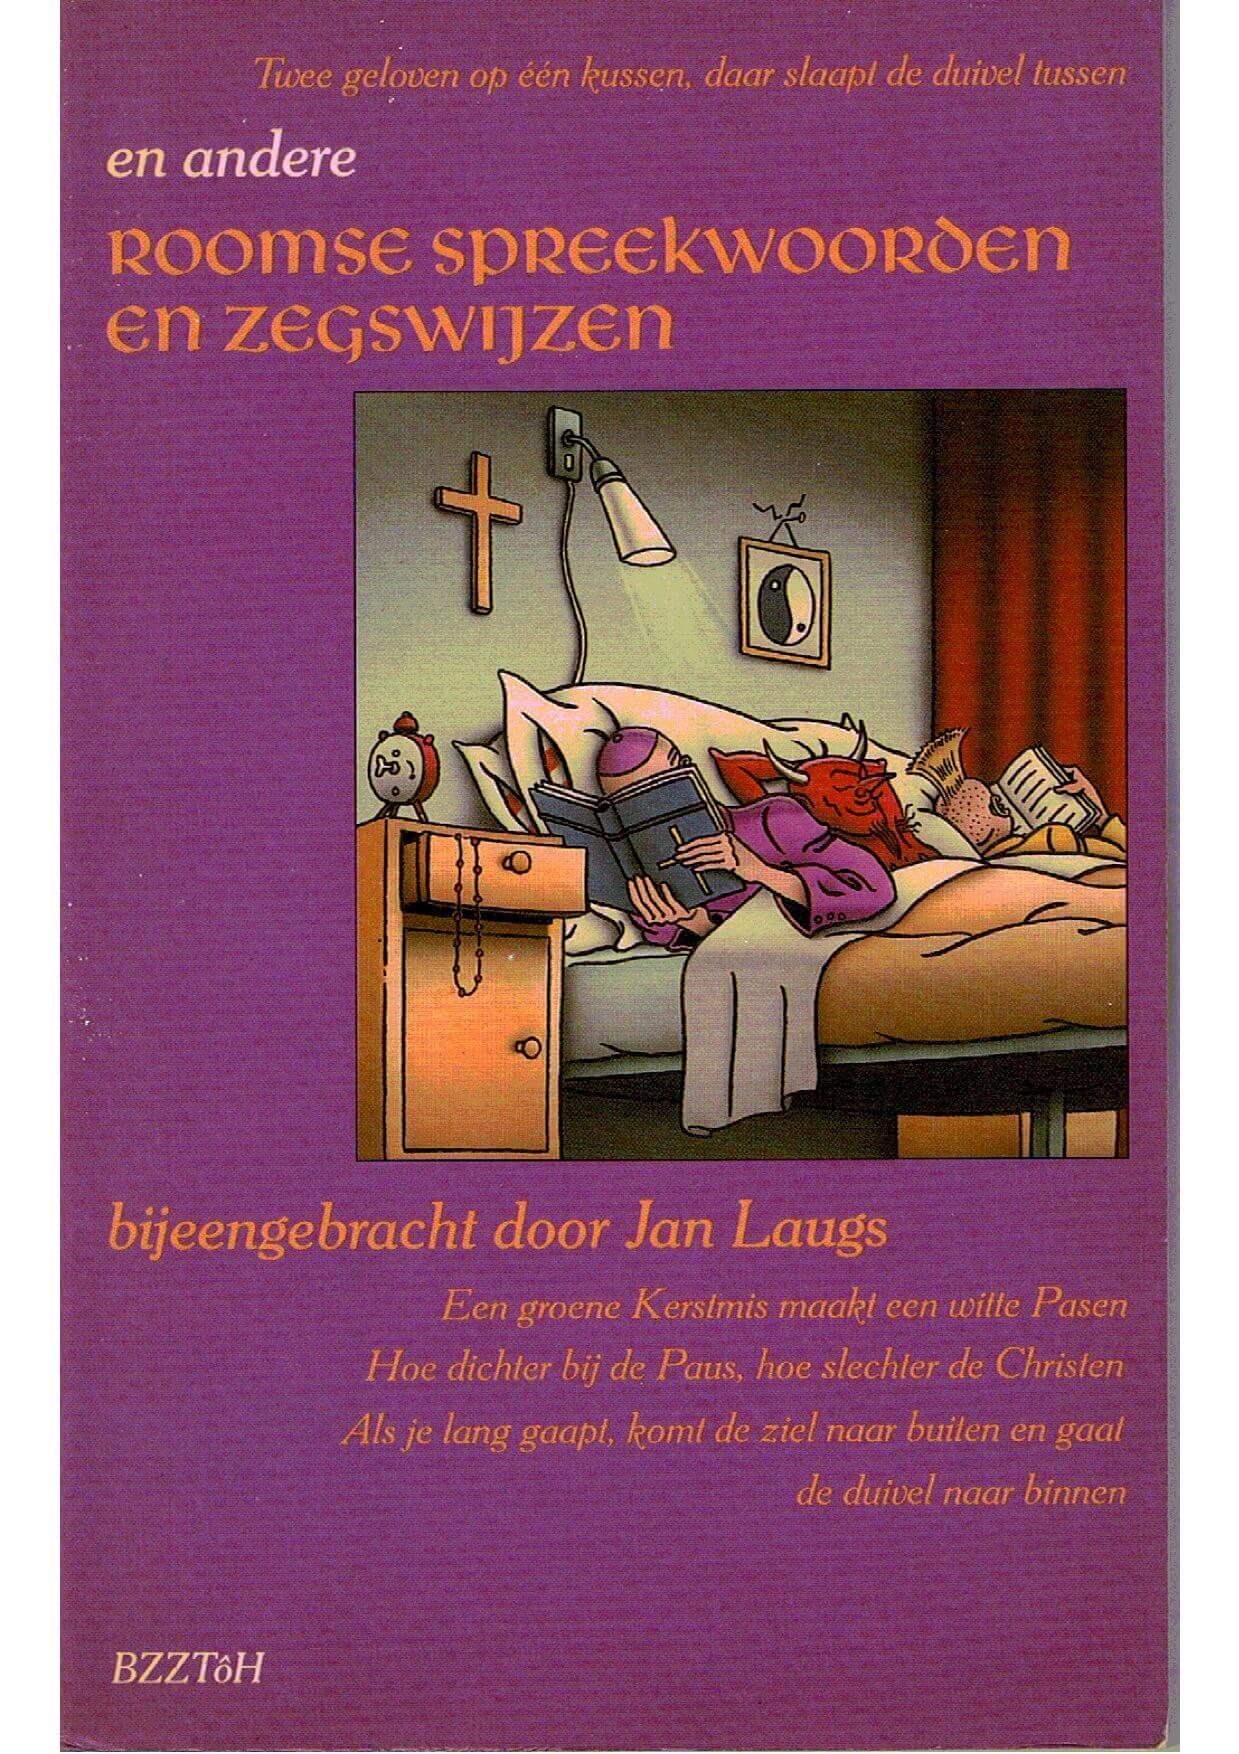 laugs-jan-1991-roomse-spreekwoorden-en-zegswijzen